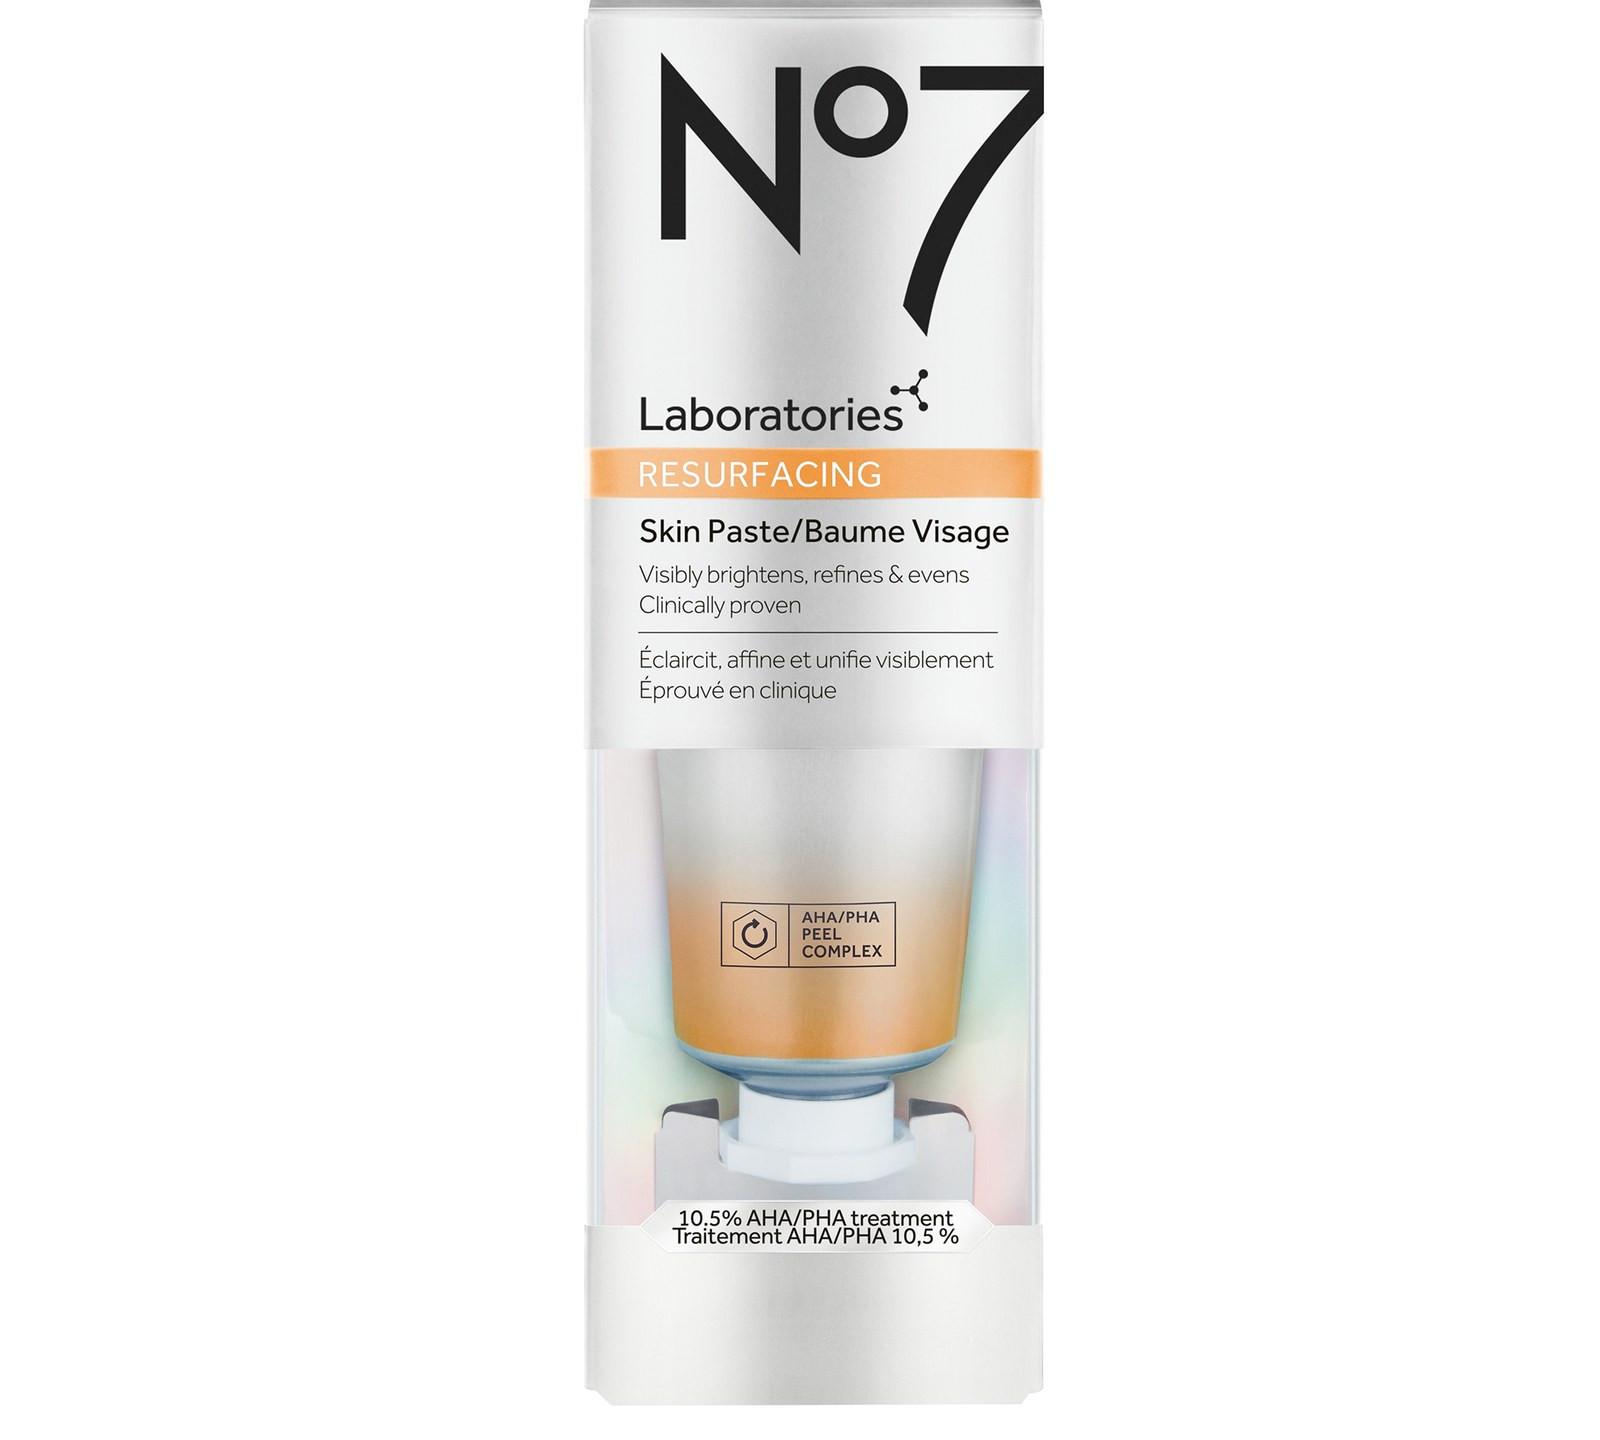 No7 Laboratories Resurfacing Skin Pa